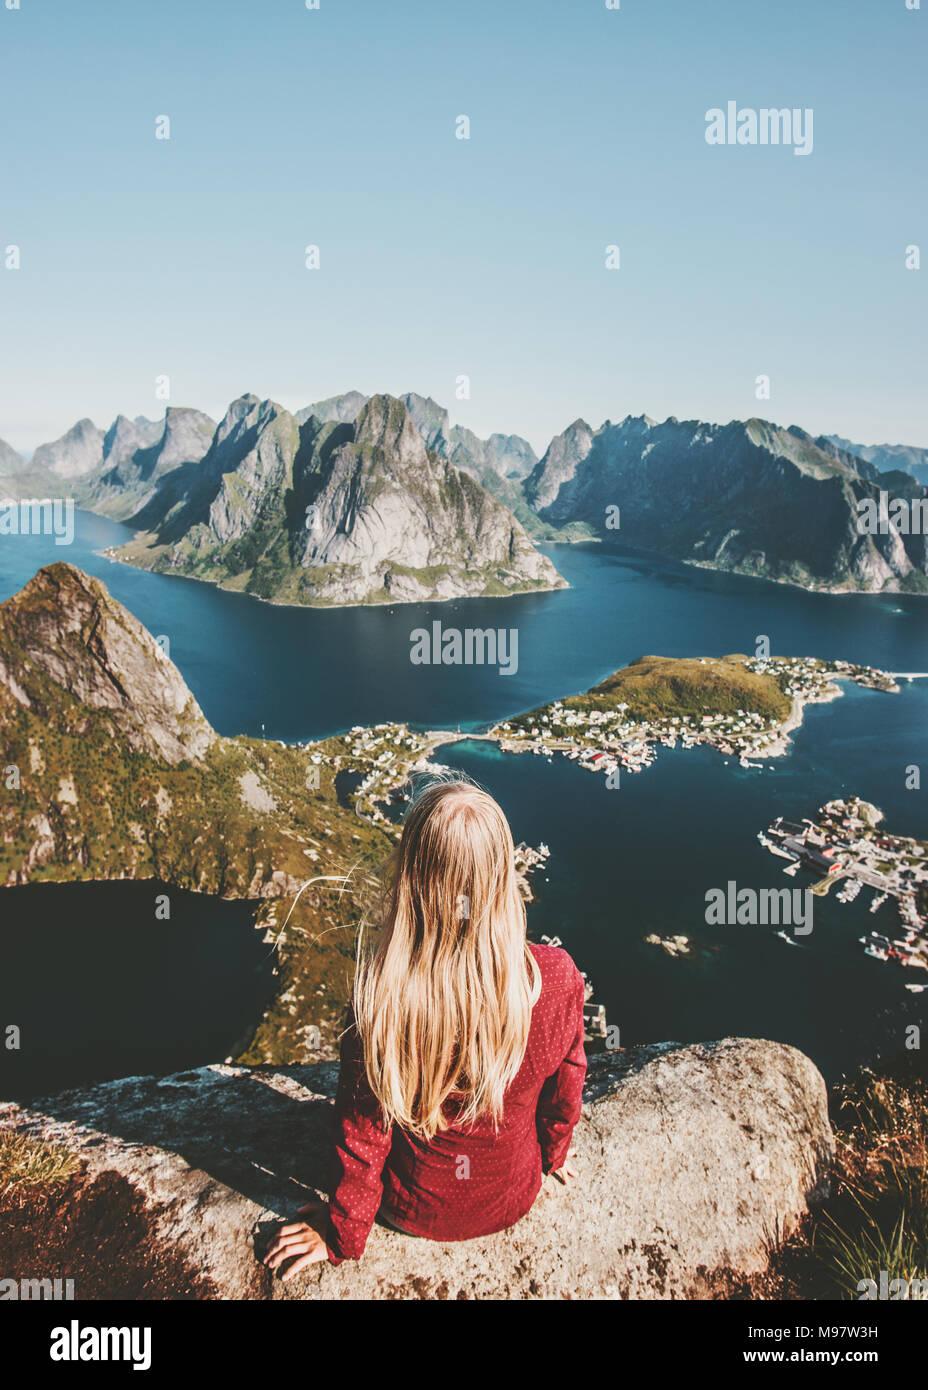 La mujer disfruta de vistas de las montañas de antena viajar a Noruega concepto de estilo de vida saludable al aire libre de aventura vacaciones de verano islas Lofoten Imagen De Stock